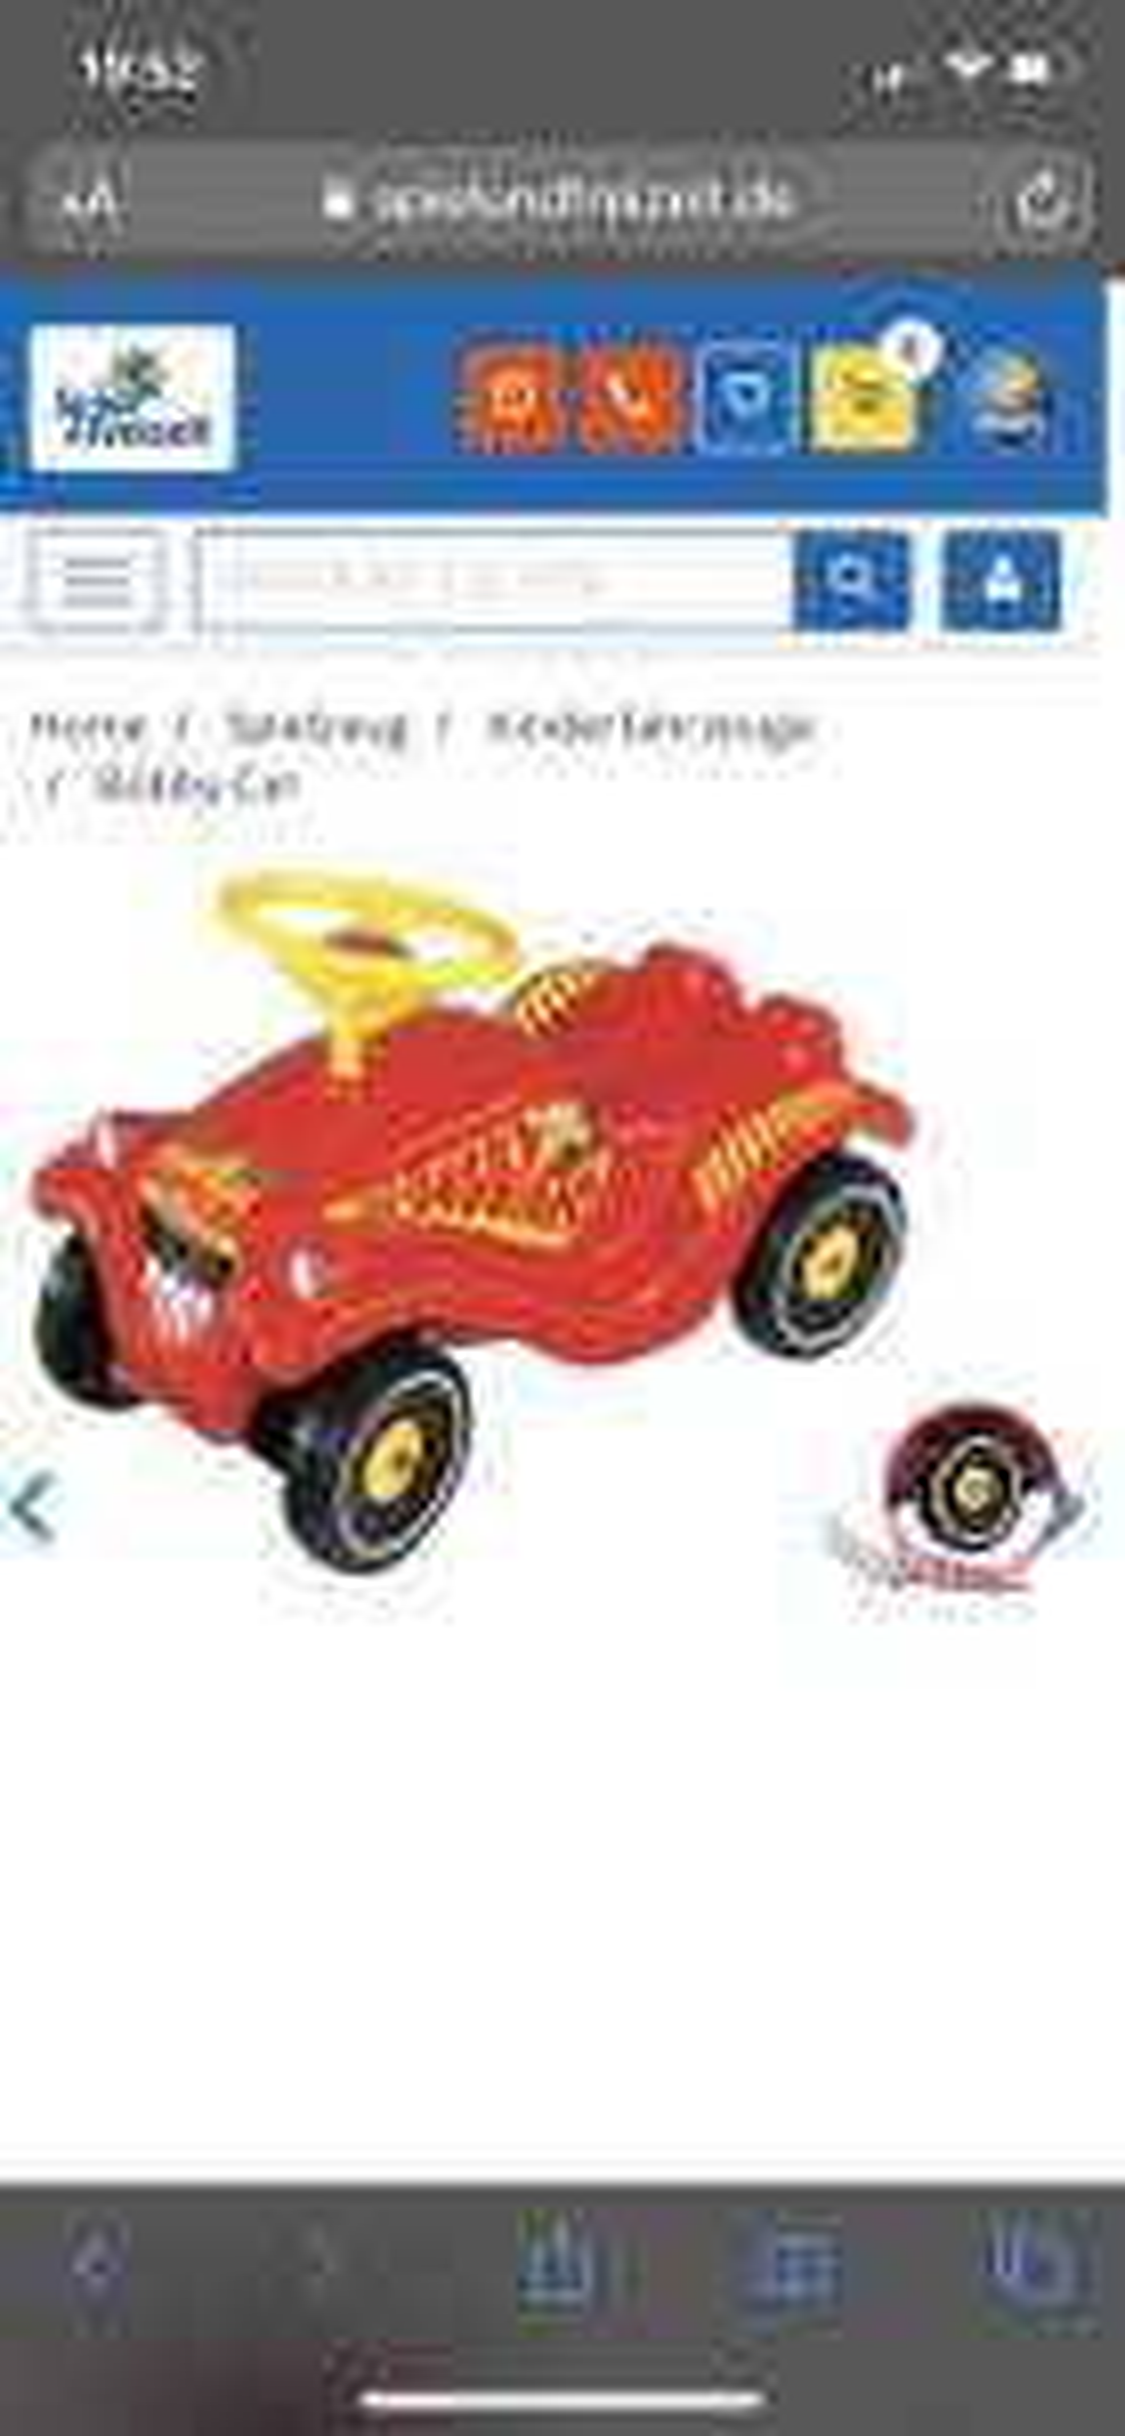 Bobby Car mit Flüsterreifen (Feuerwehr)